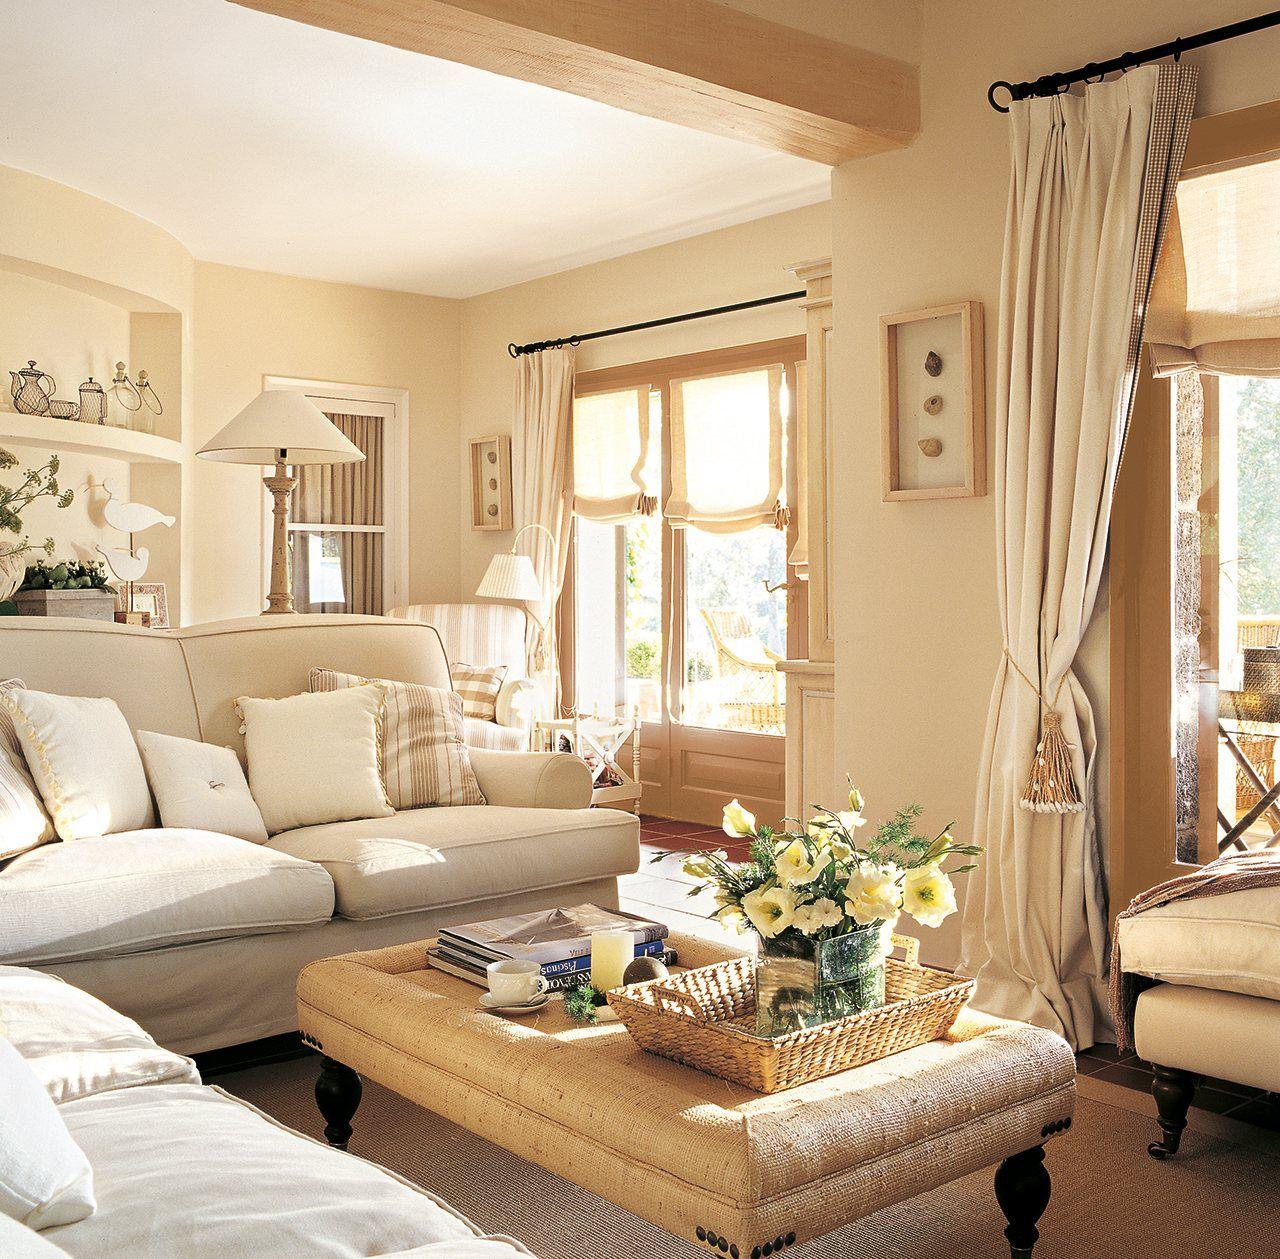 30 salones peque os y confortables espacios pinterest for Salones pequenos